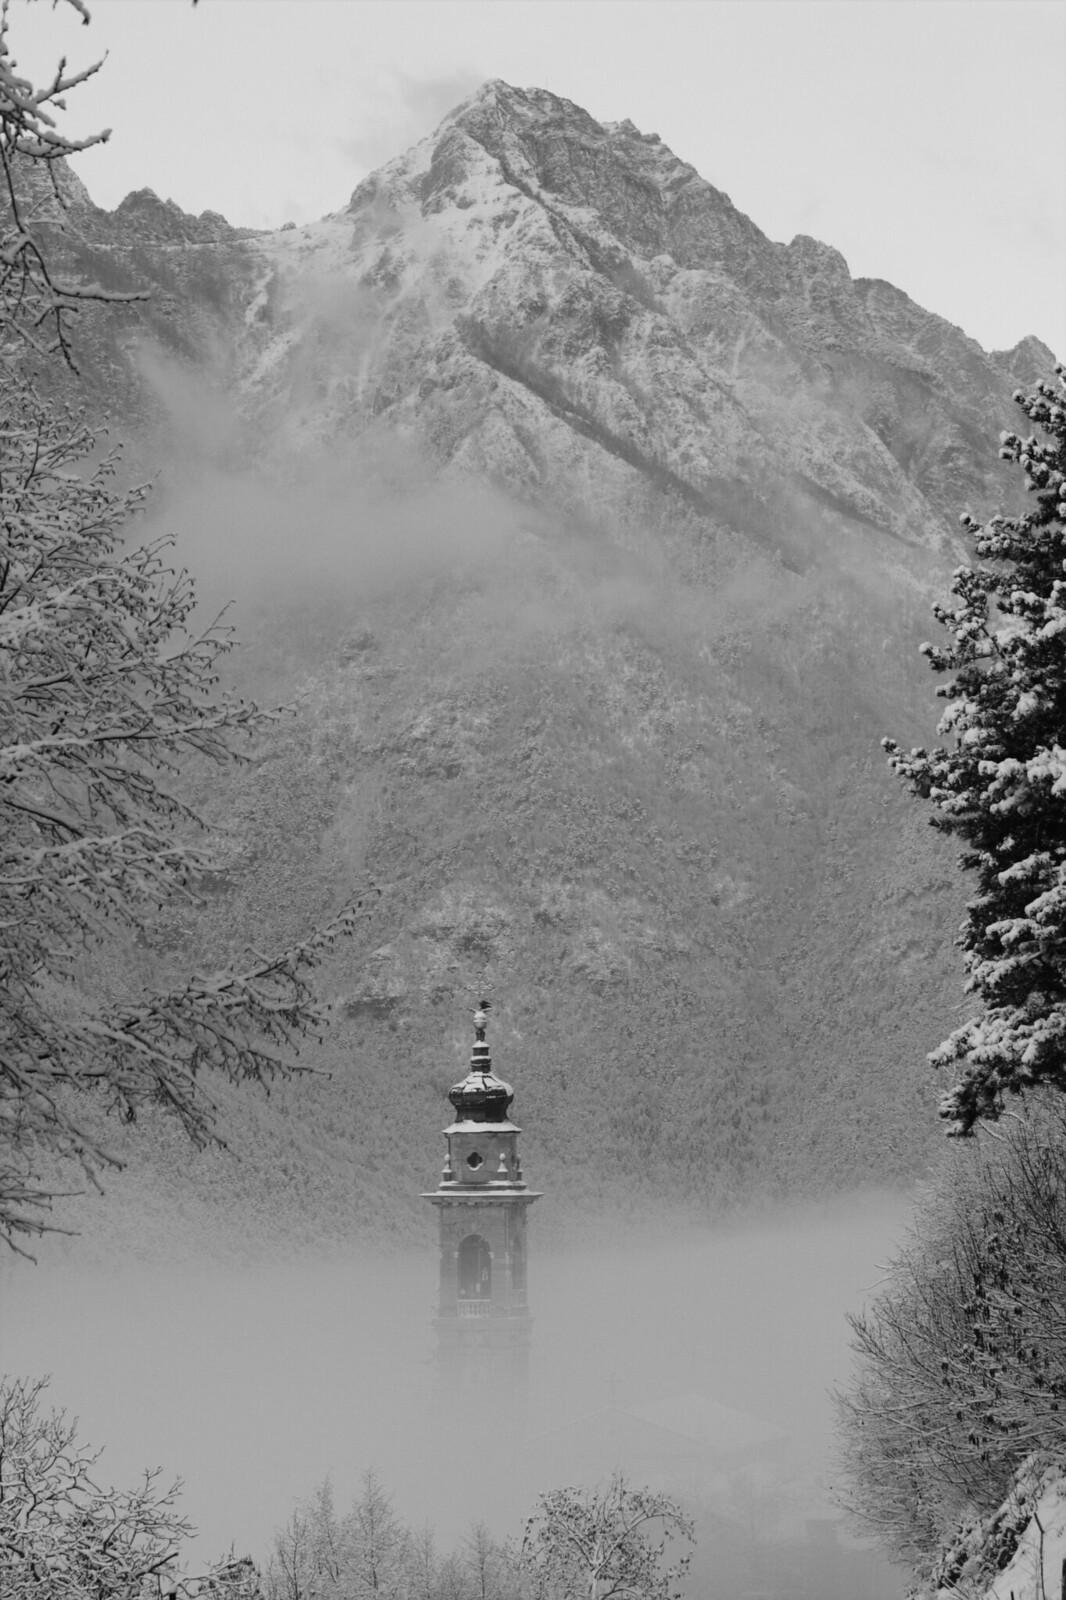 Il campanile di Parrocchia fra la nebbia